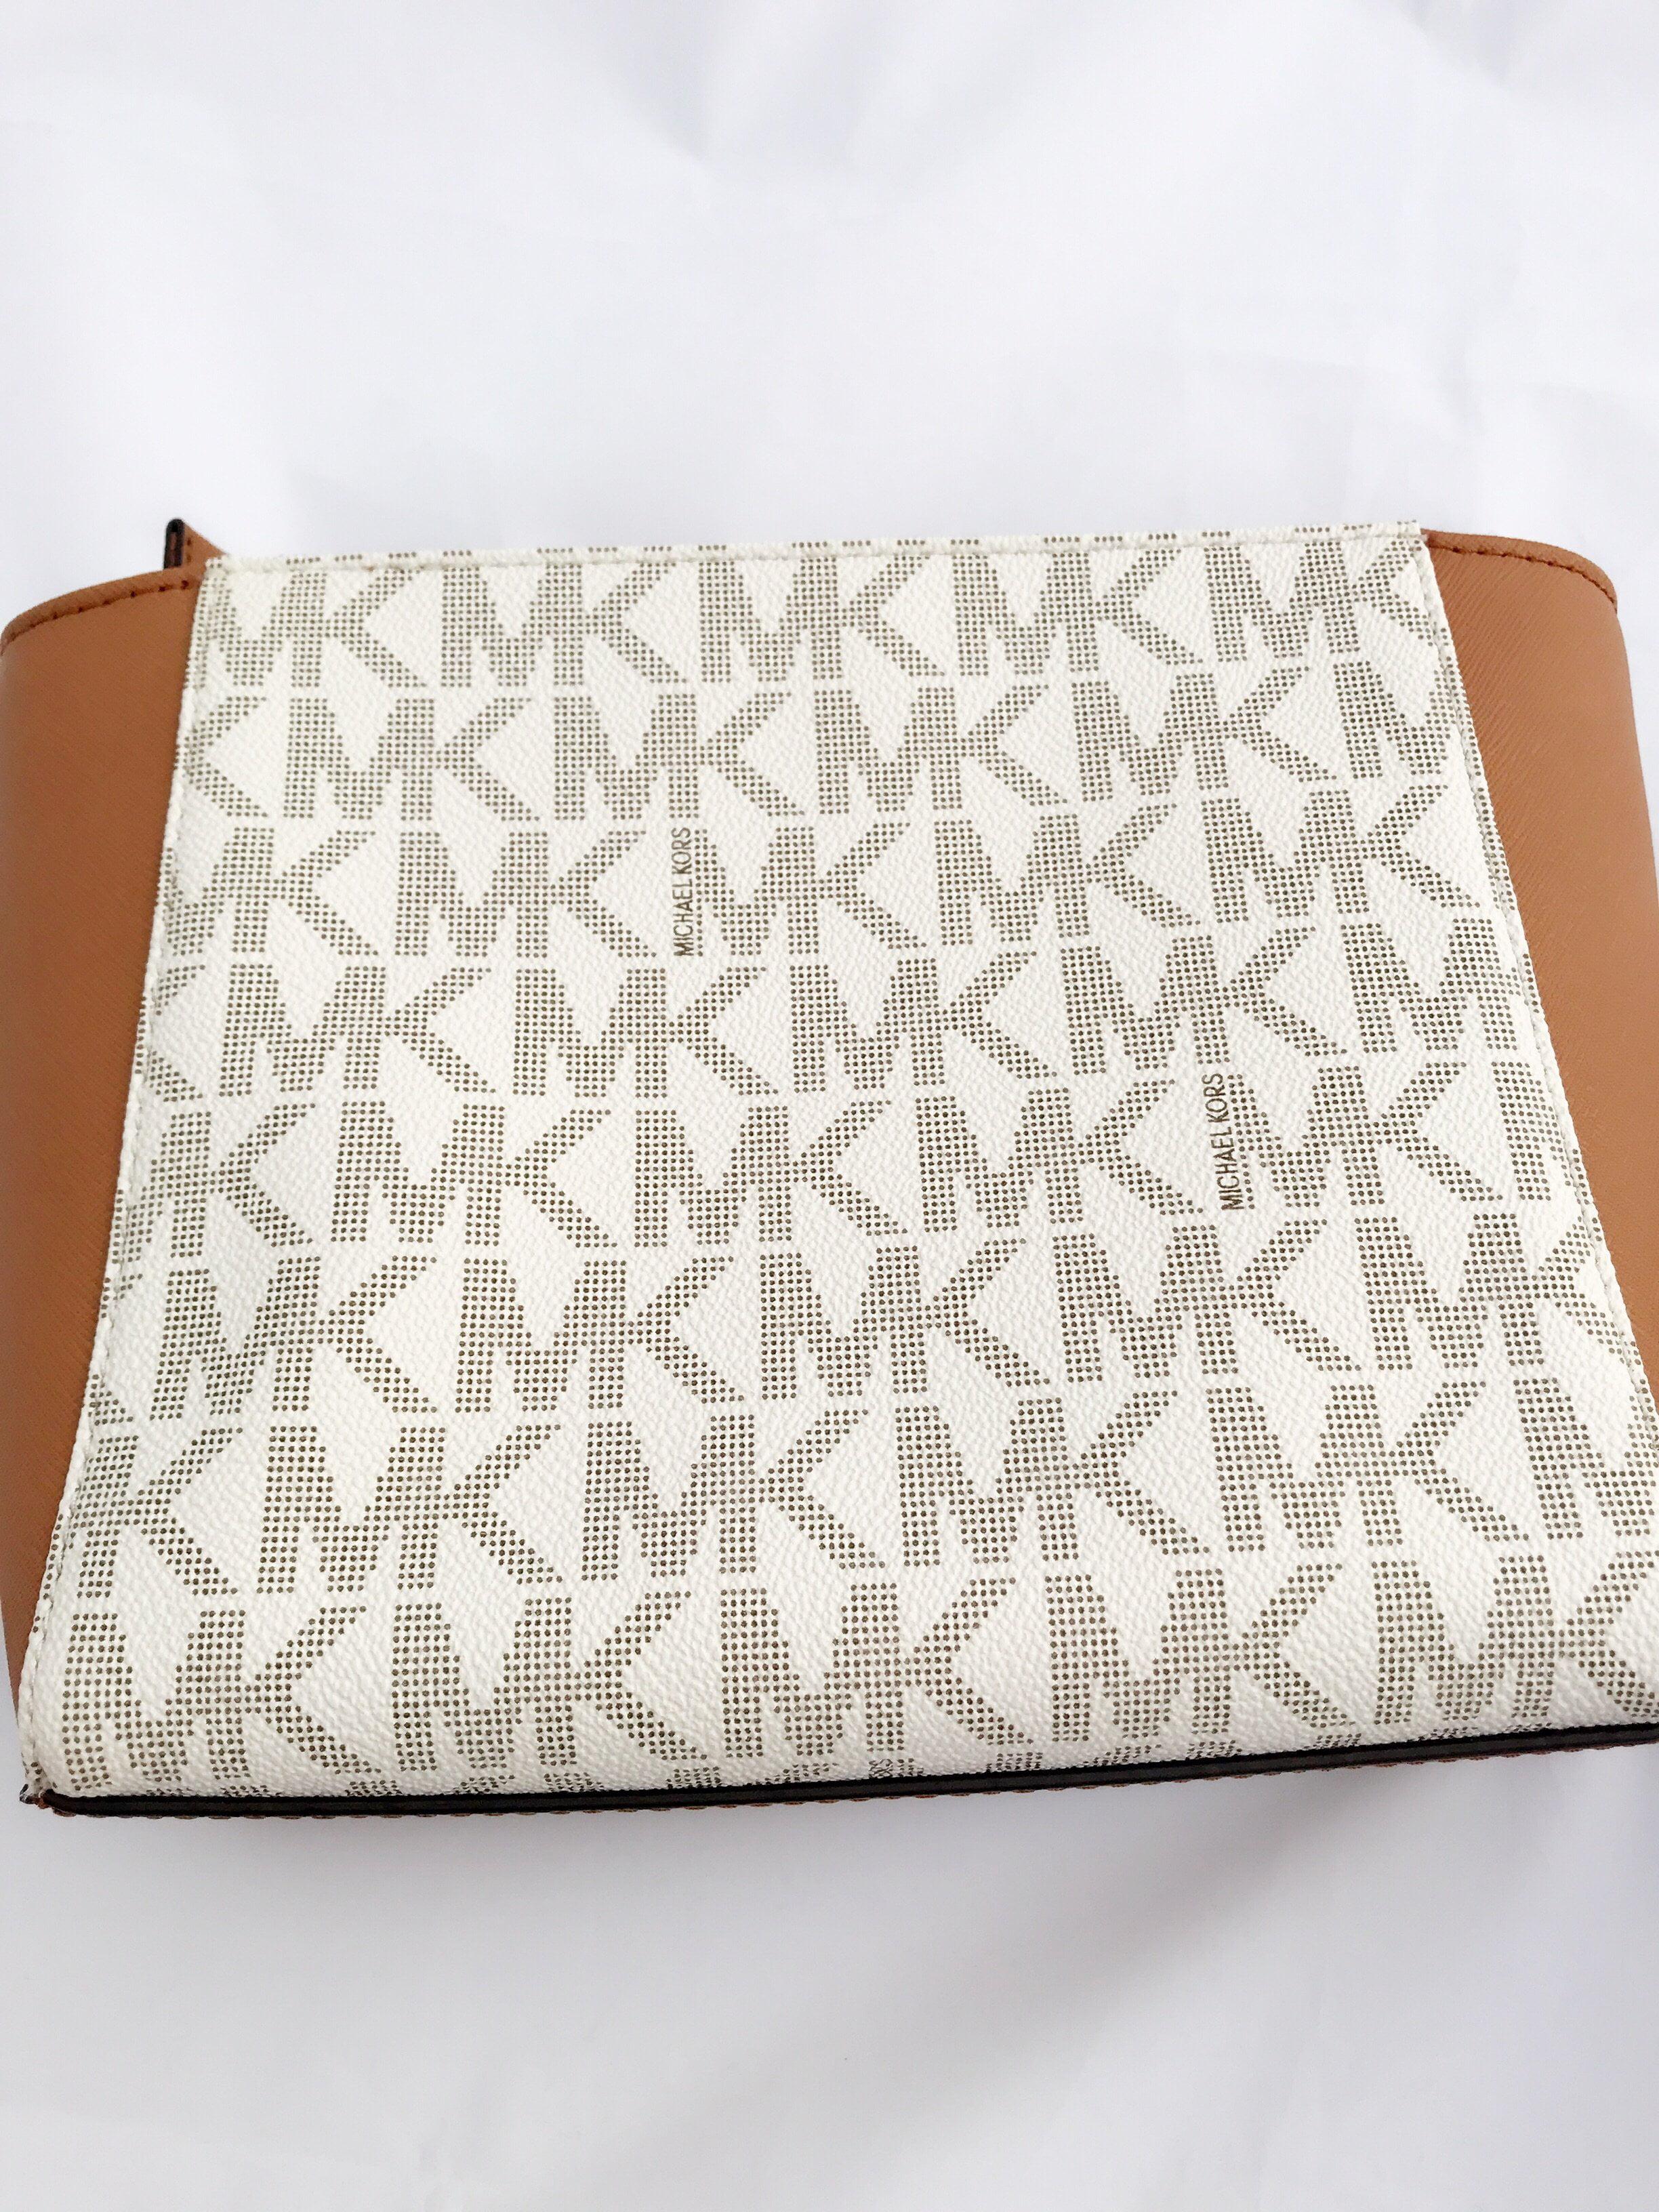 4863db929a34 Michael Kors - Michael Kors Hamilton Traveler Top Zip Small Crossbody  Vanilla Signature Acorn - Walmart.com